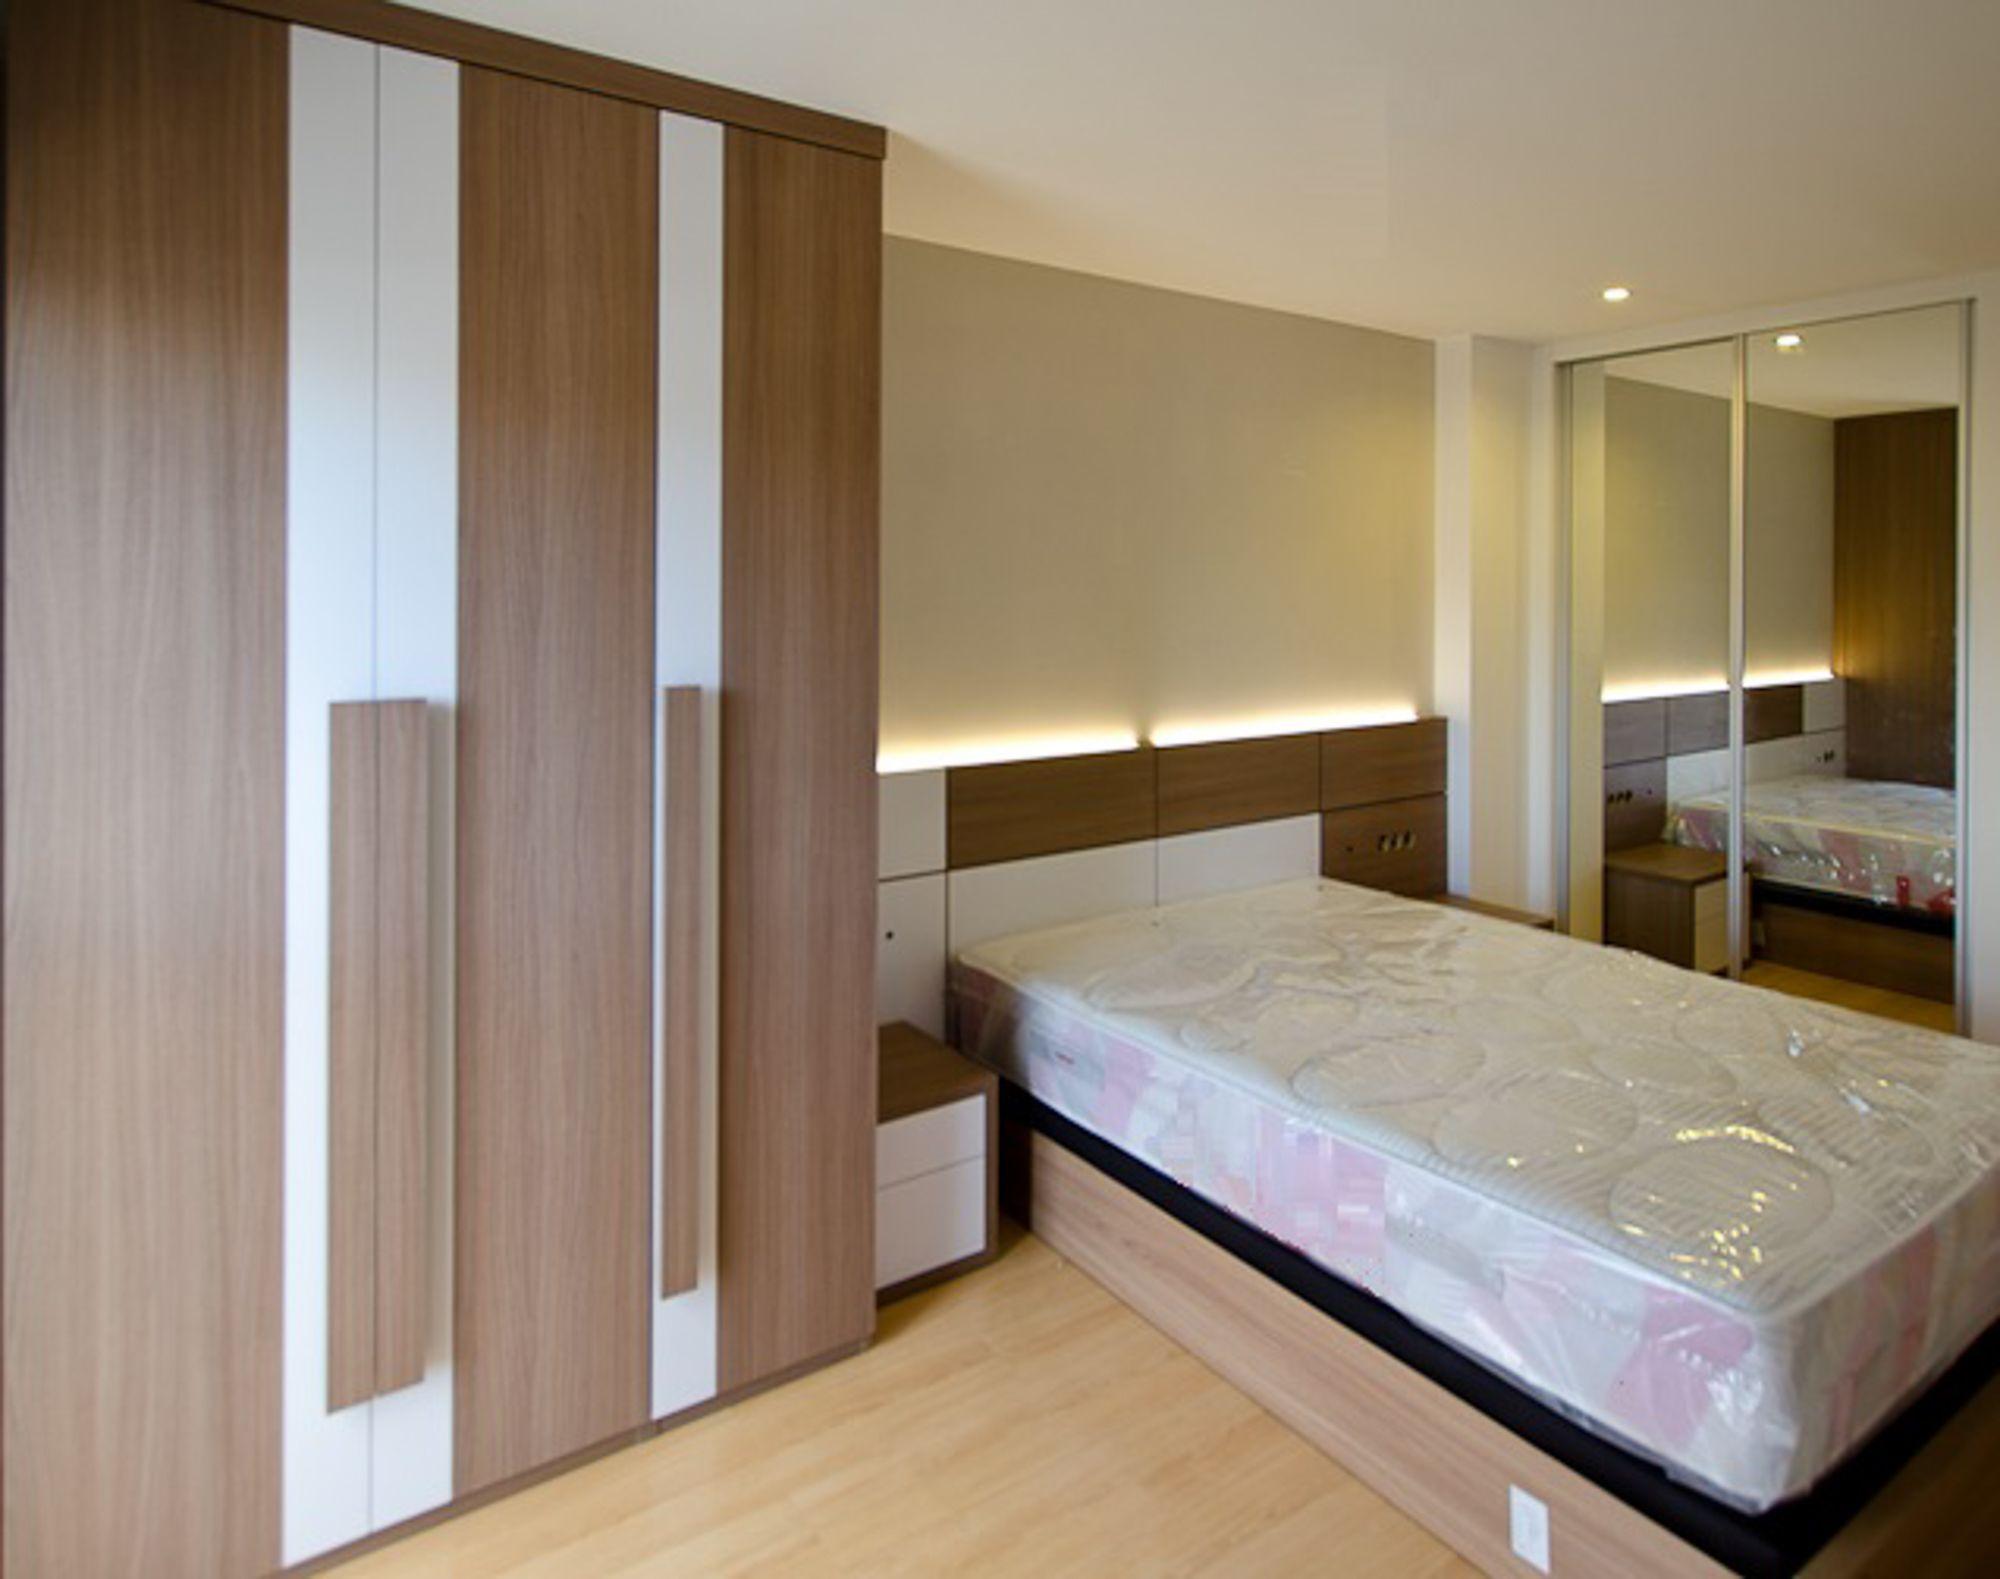 Dormitorio De Matrimonio Moderno De Dise O A Medida Web  # Muebles Nido Matrimonio